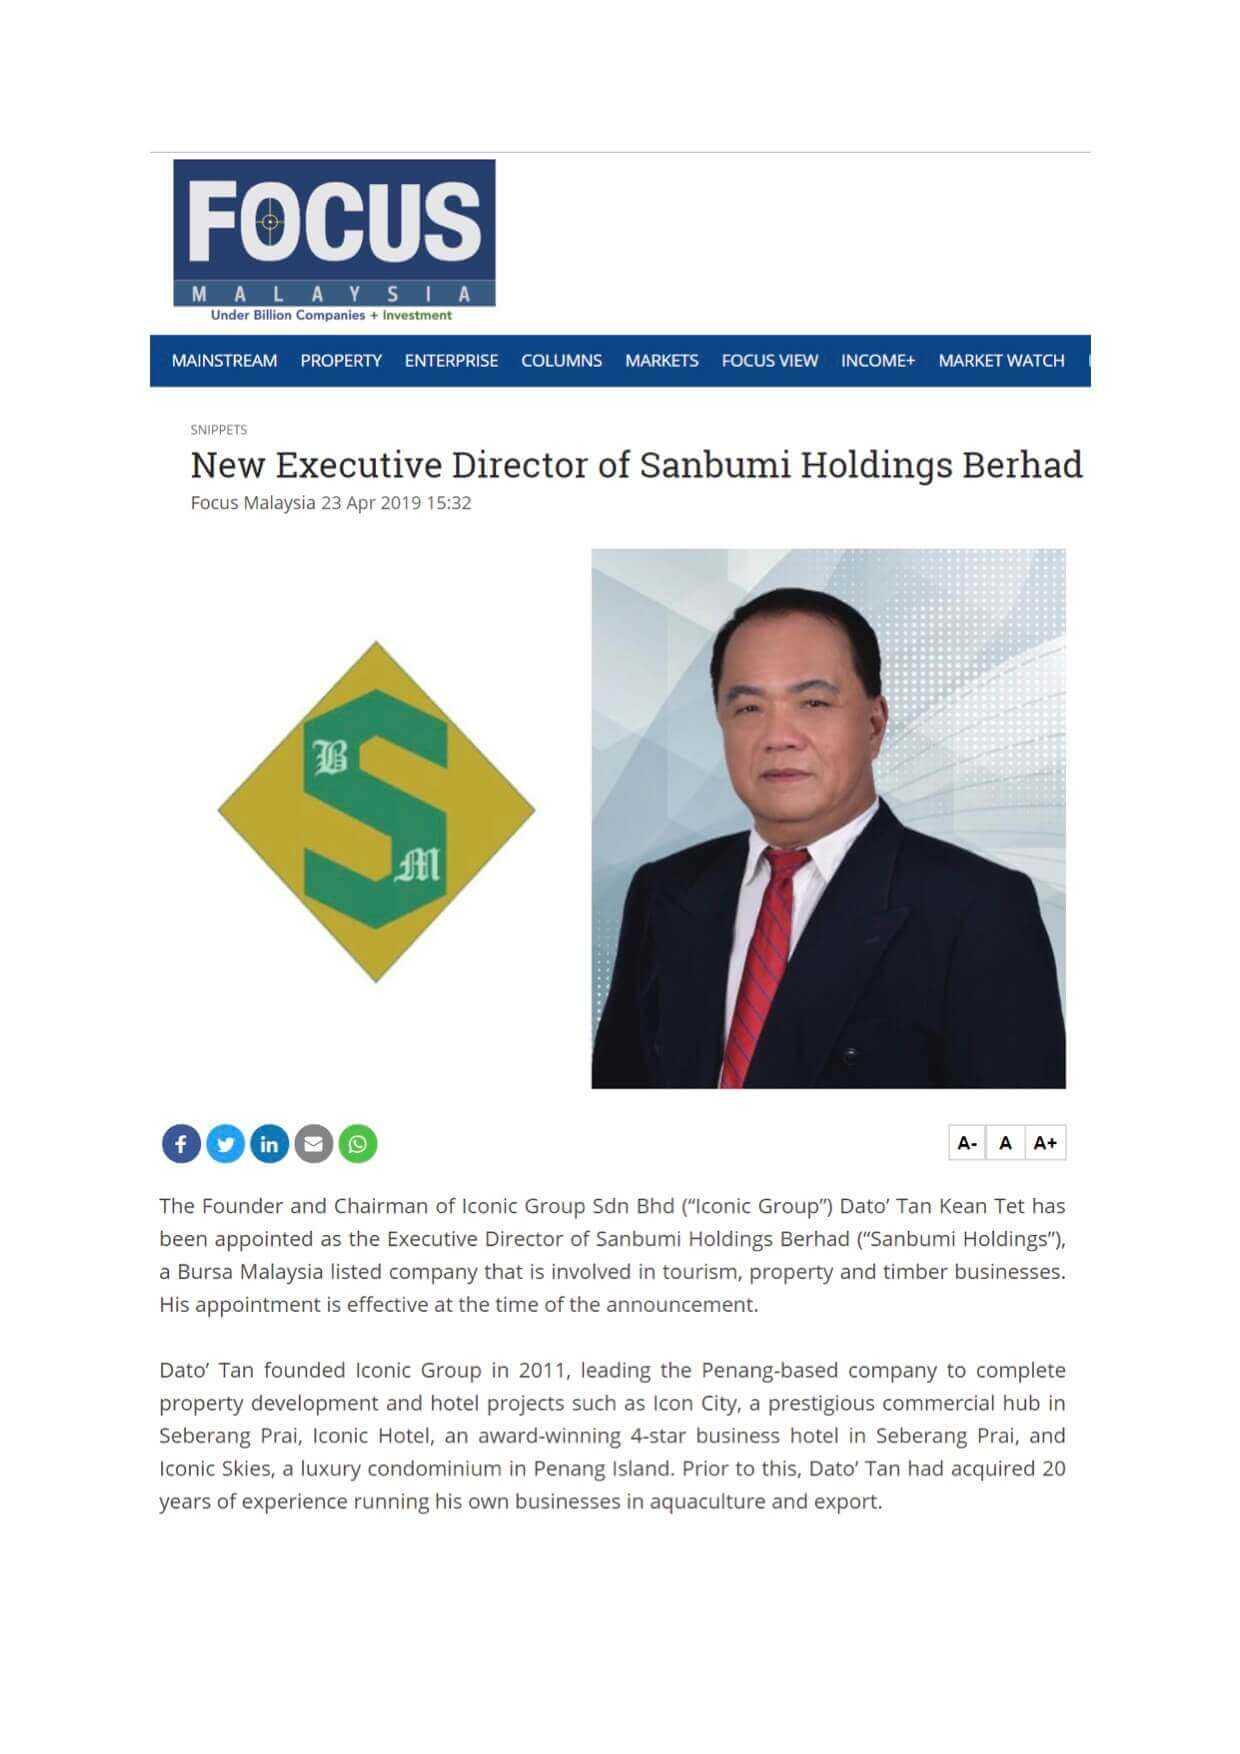 19april23 focus malaysia business new executive director of sanbumi holdings berhad